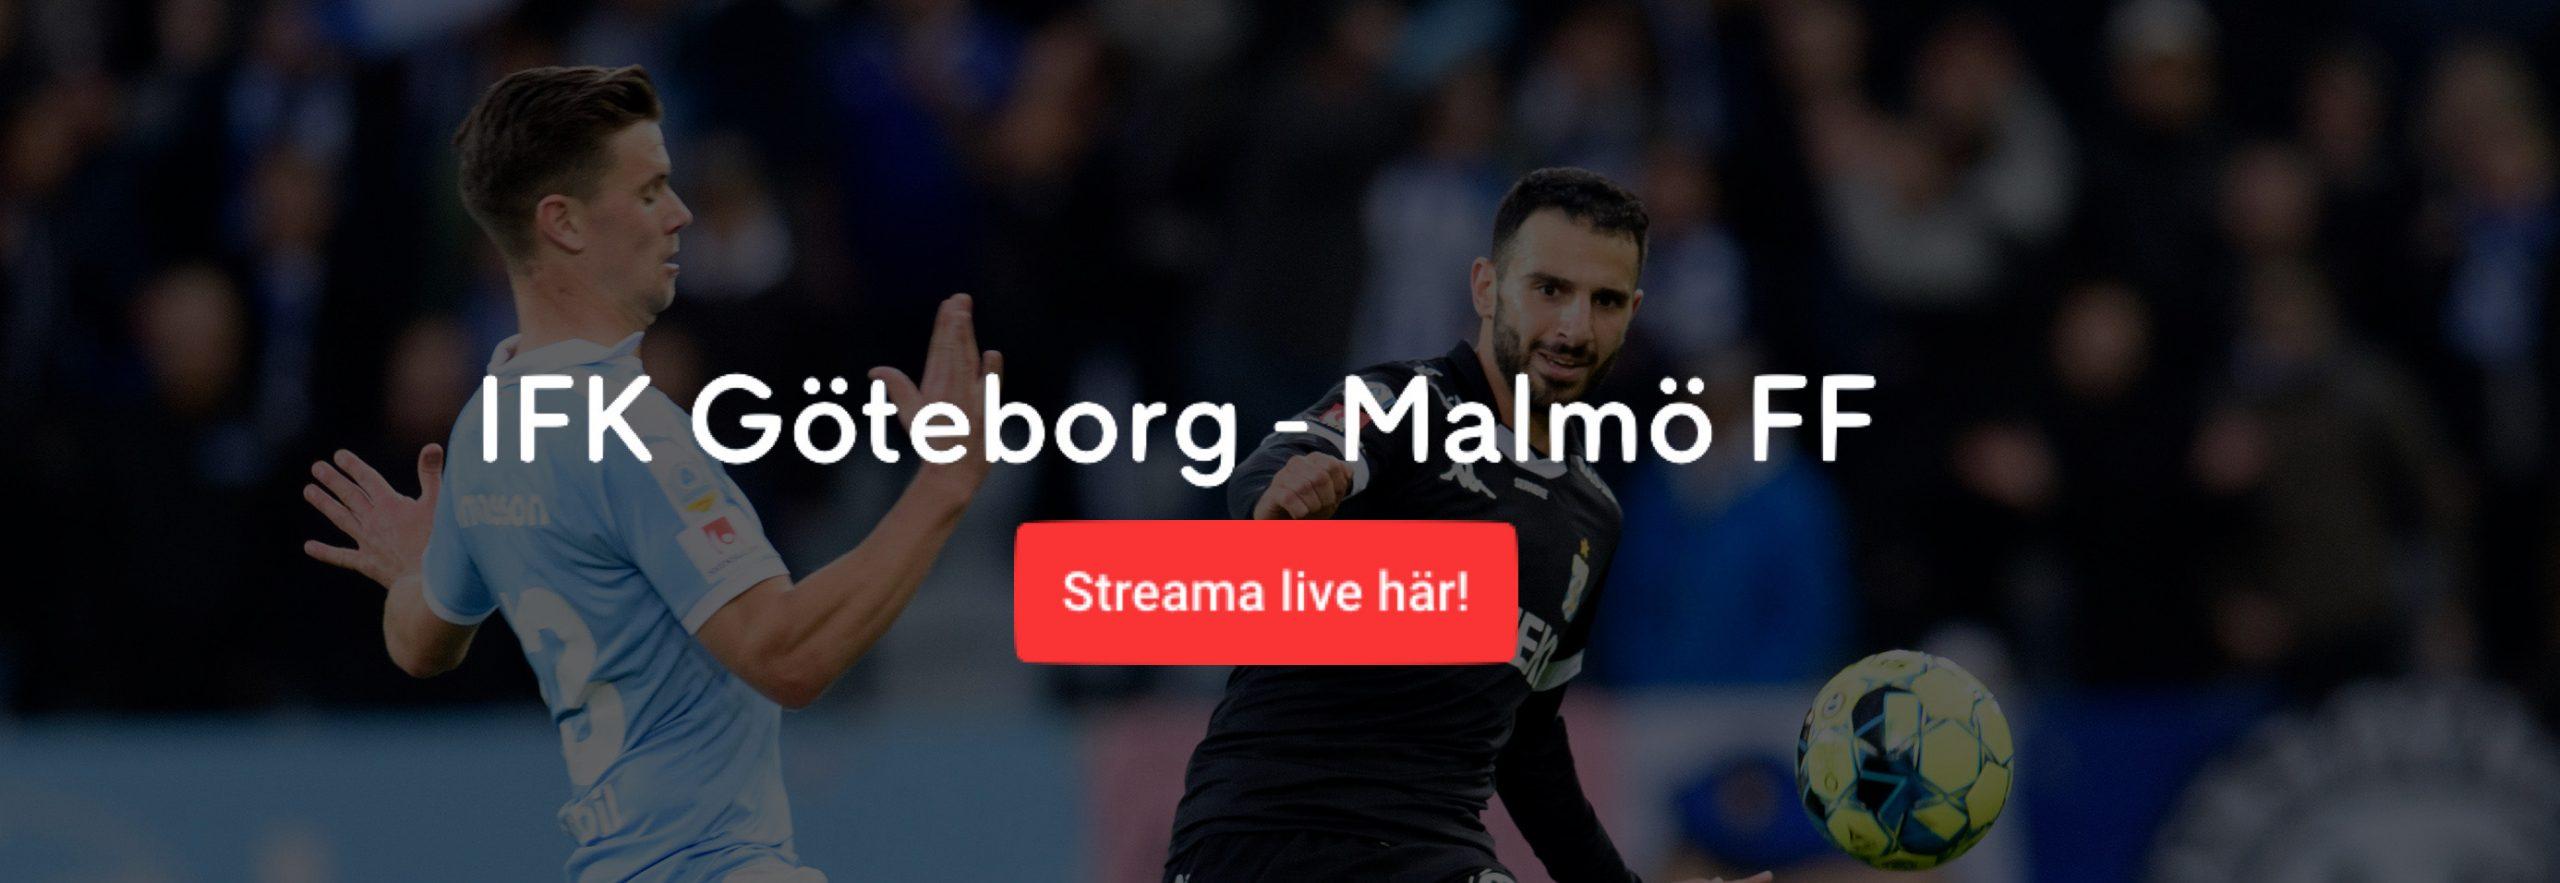 IFK Göteborg Malmö FF TV tider? Vilken tid spelas MFF IFK idag/ikväll?